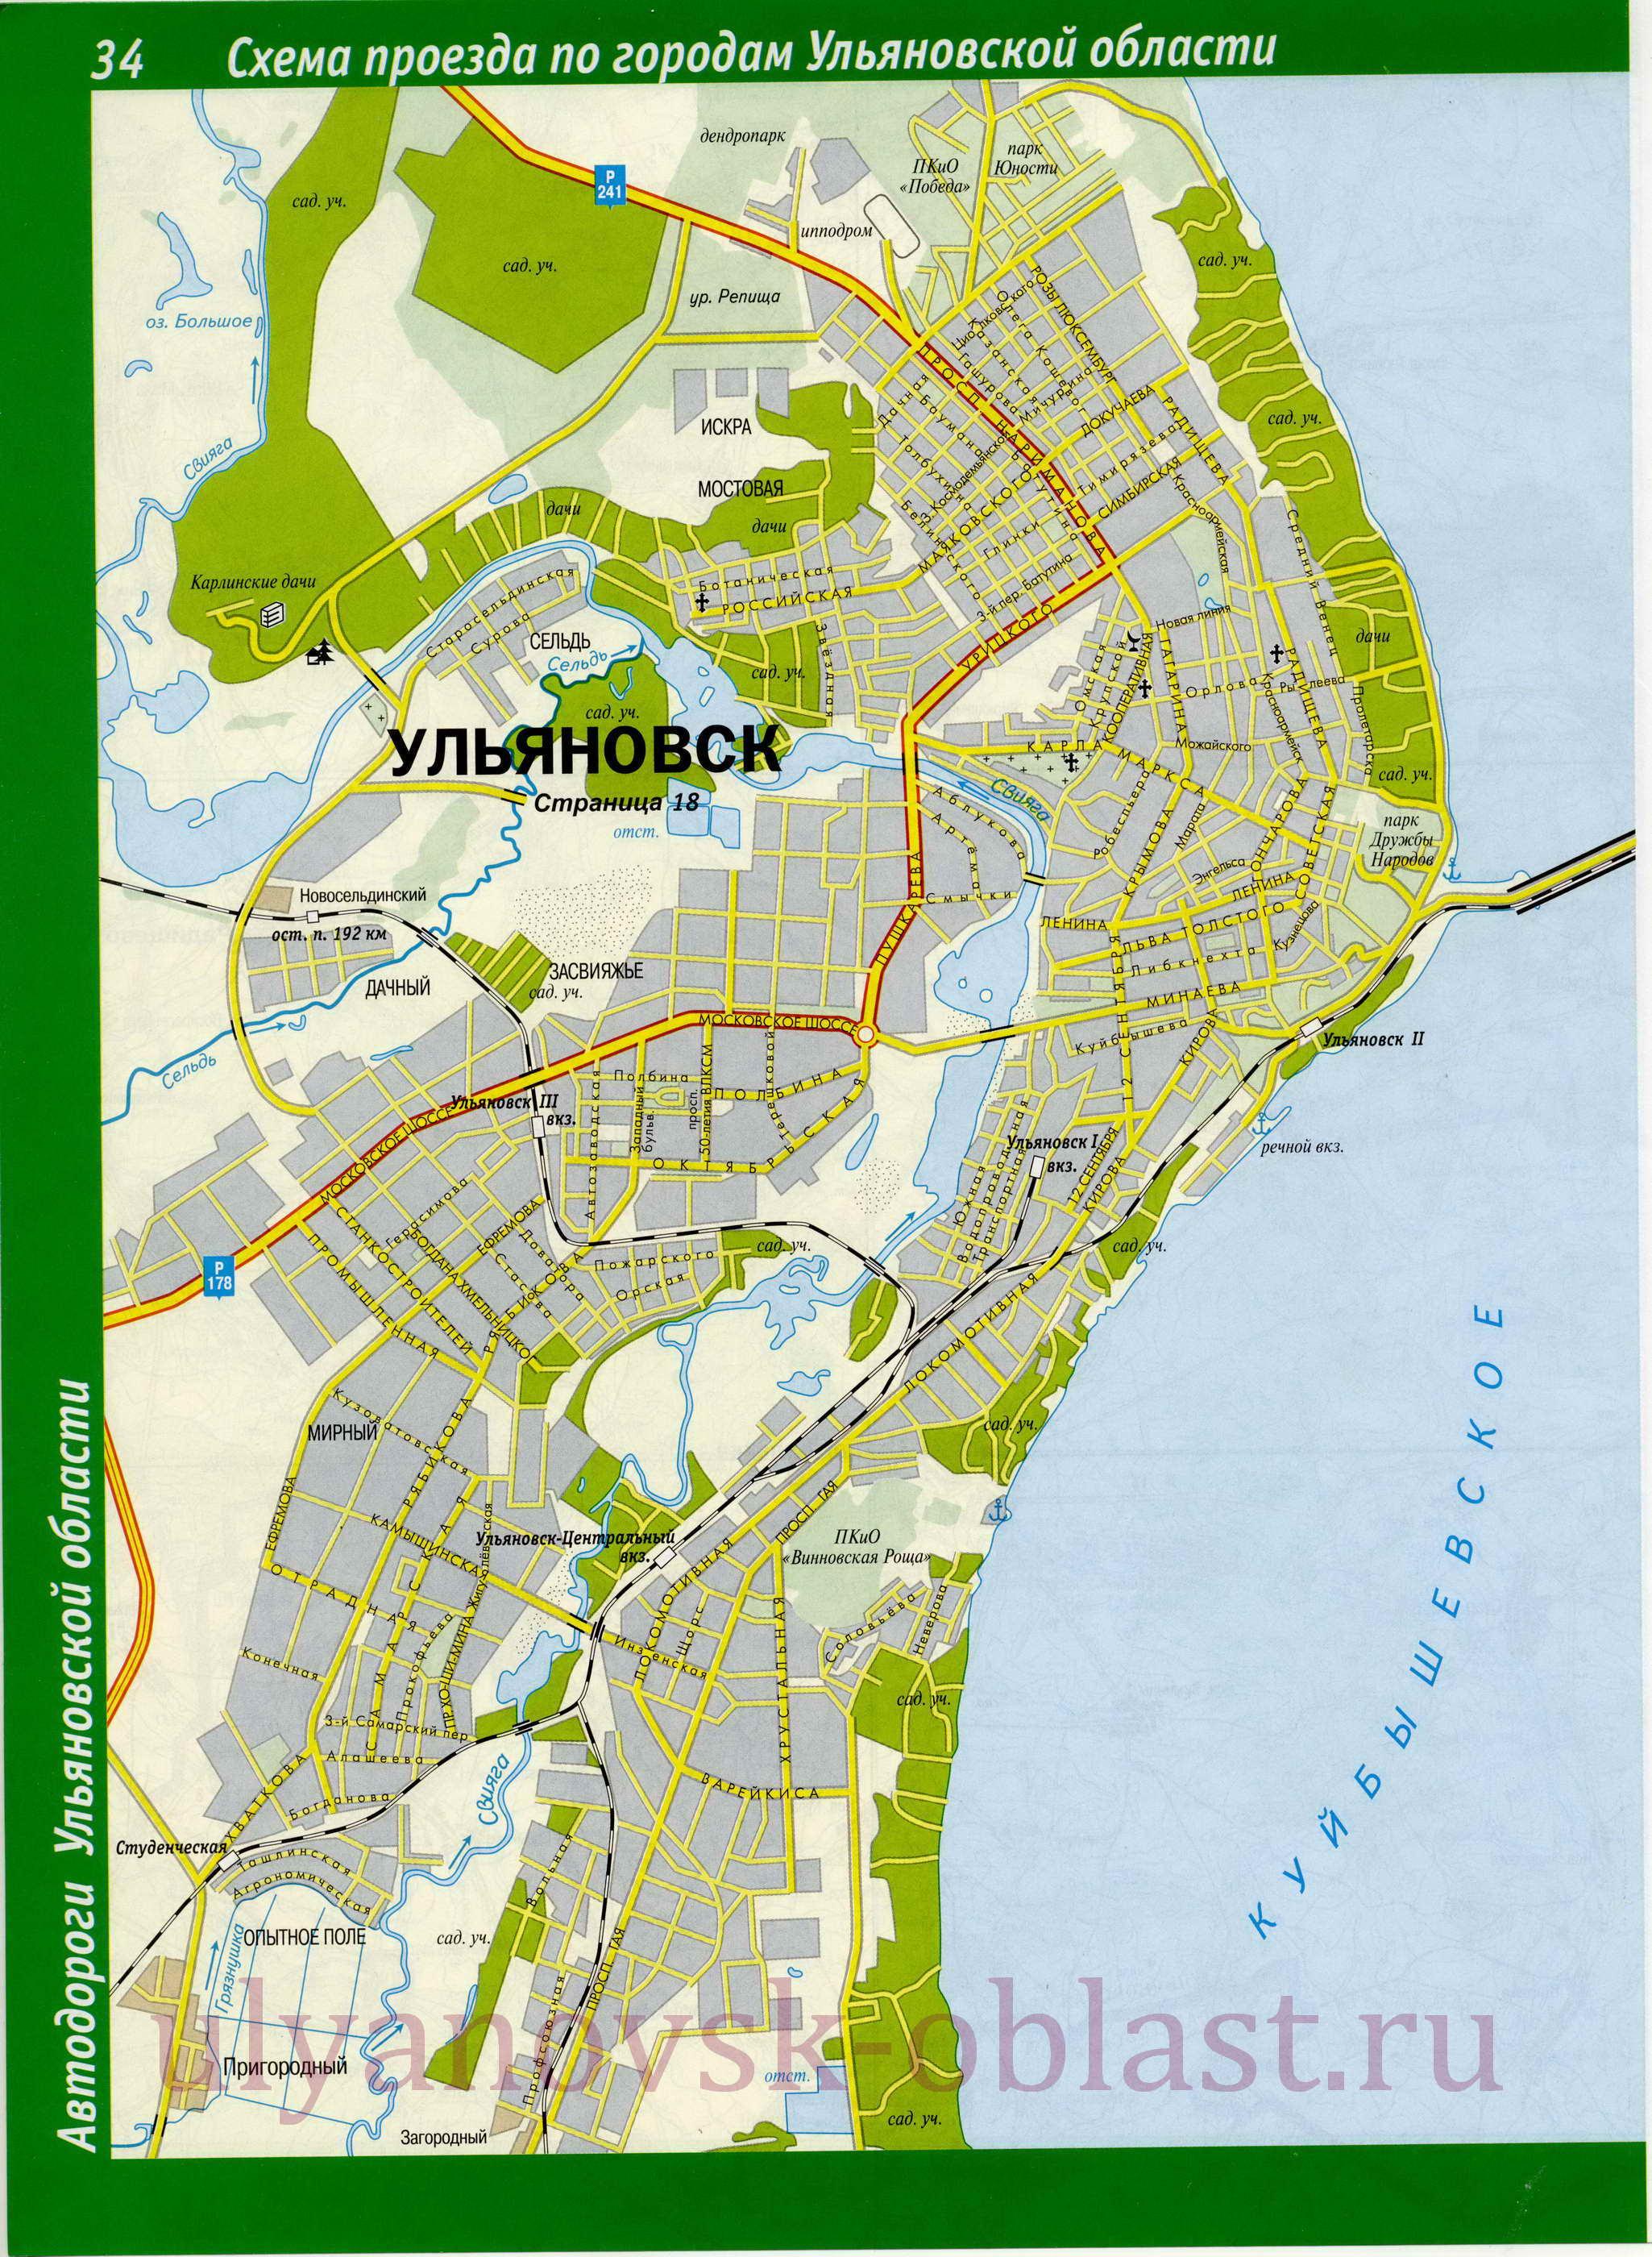 Подробная карта улиц города Ульяновск.  Карта Ульяновска с названиями улиц и схемой проезда.